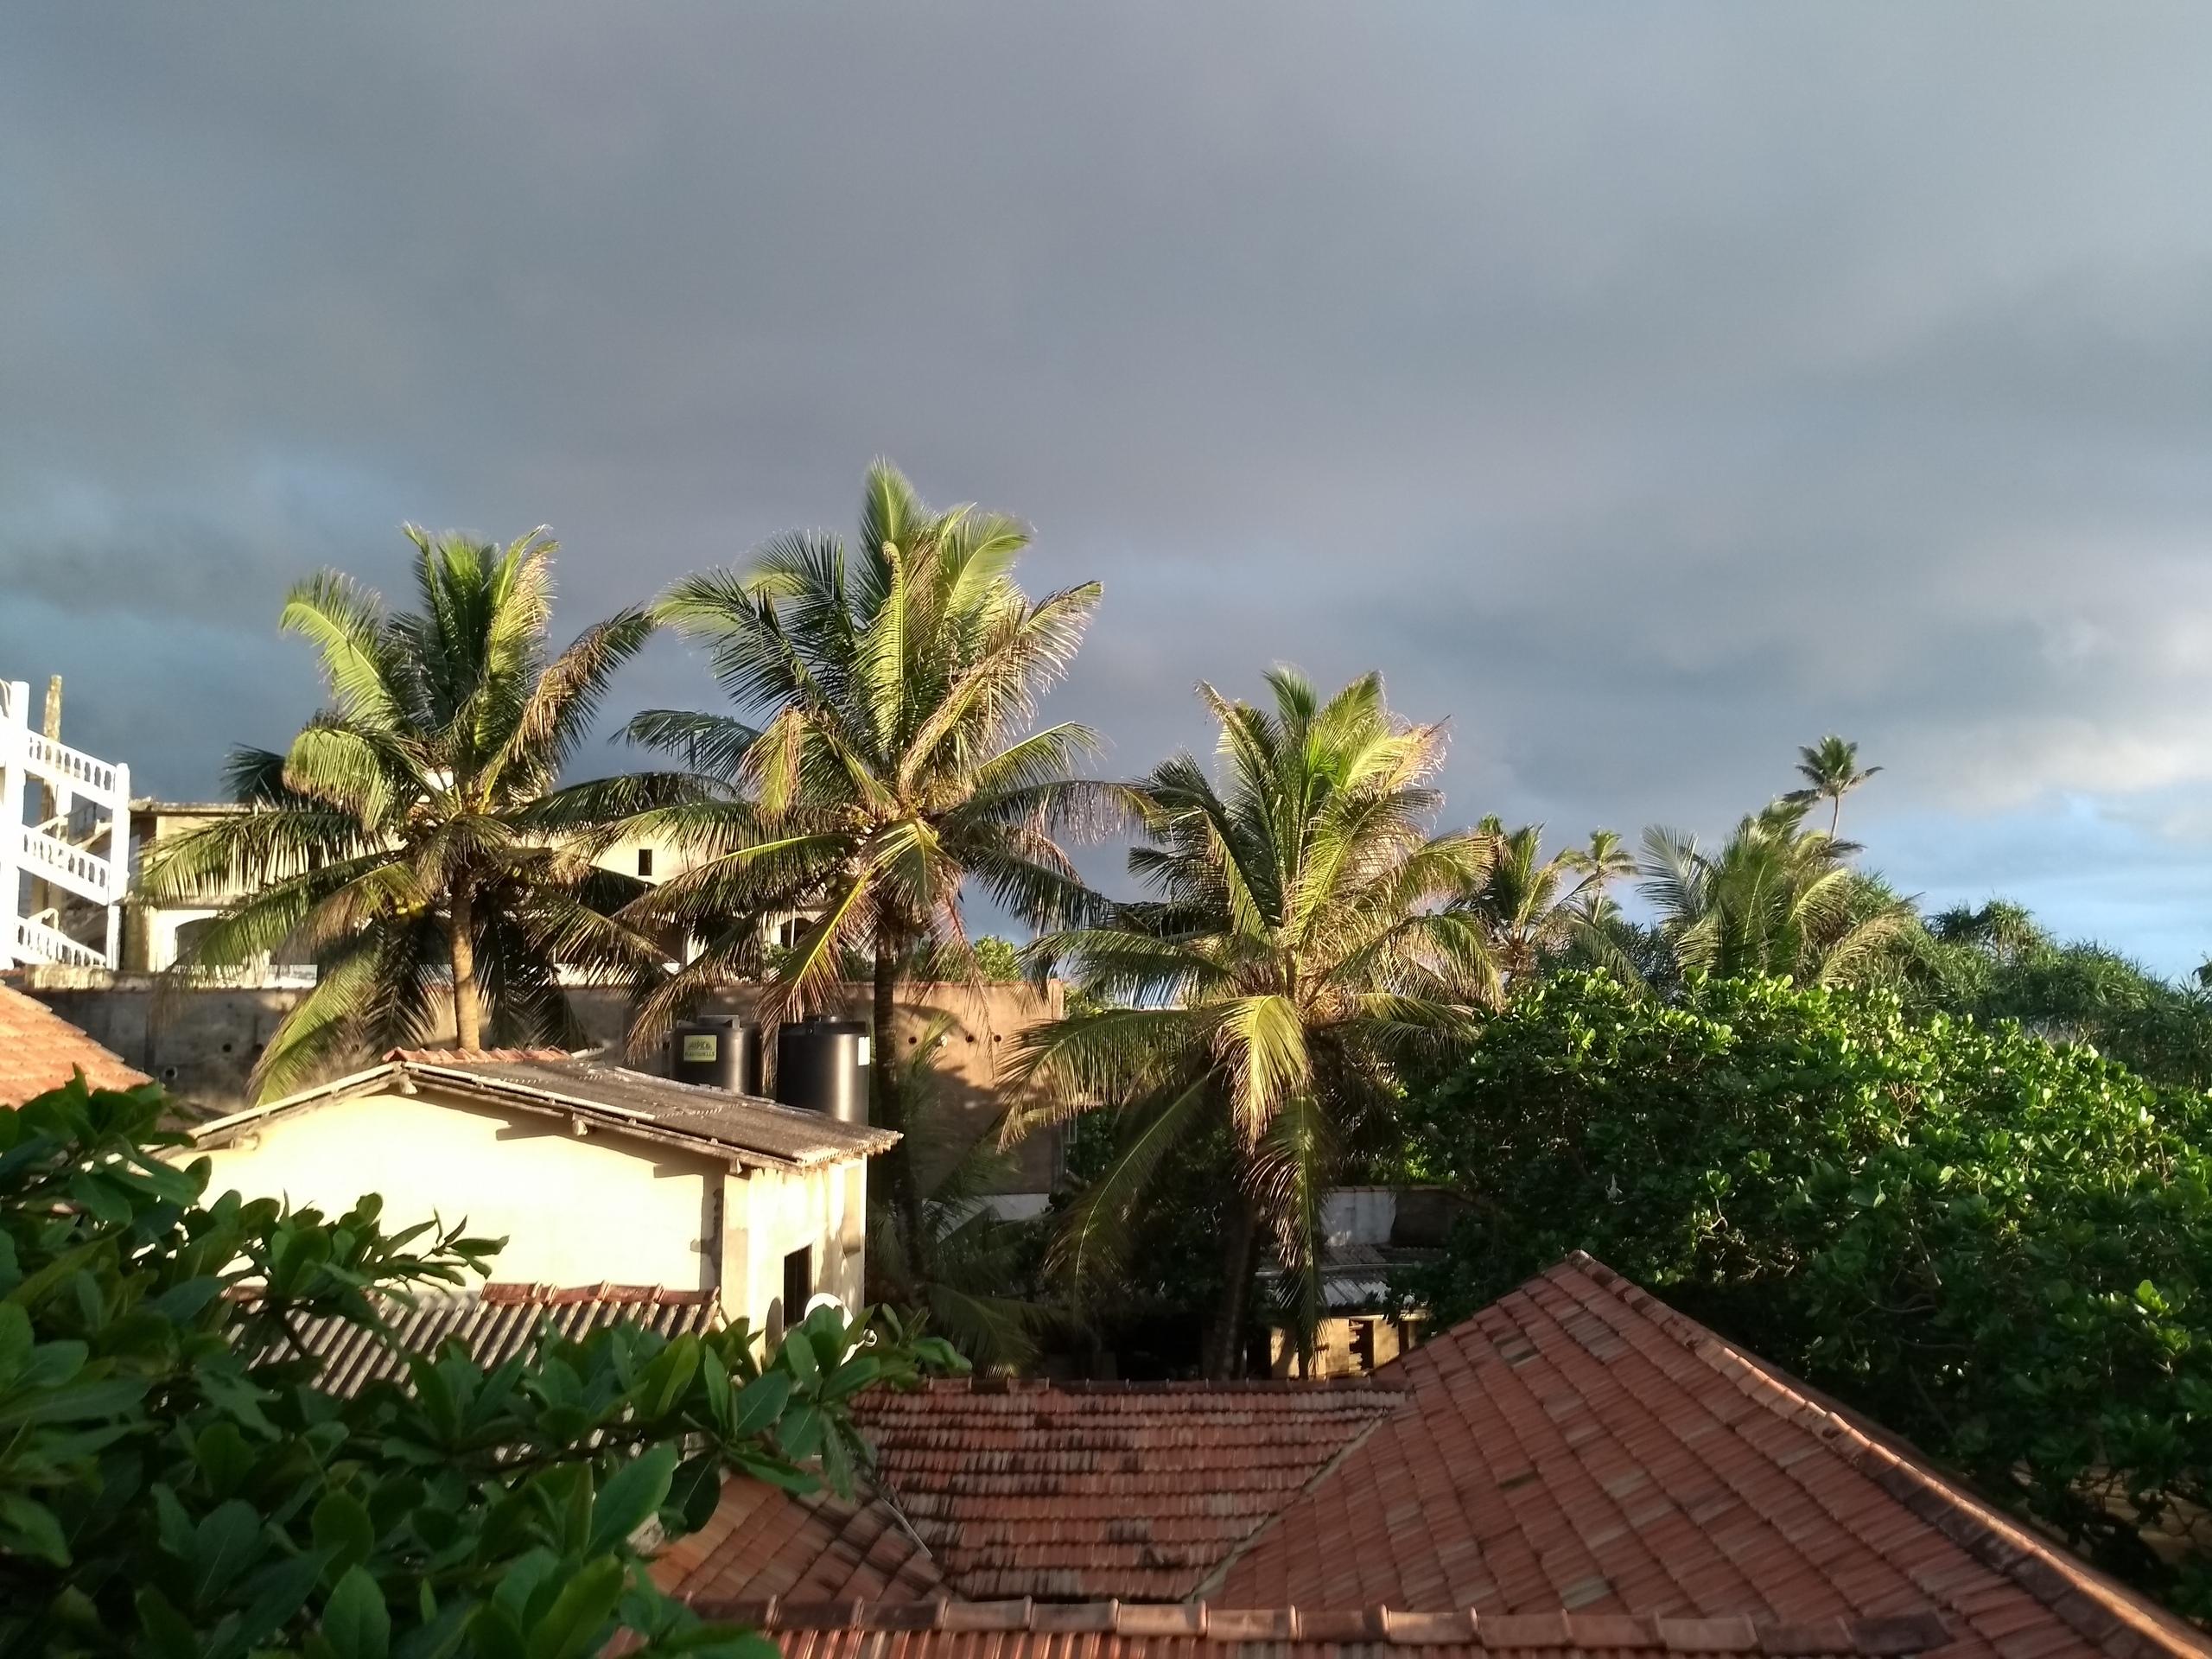 Шри Ланка (фото) - Страница 11 HhLUZ5nqquY